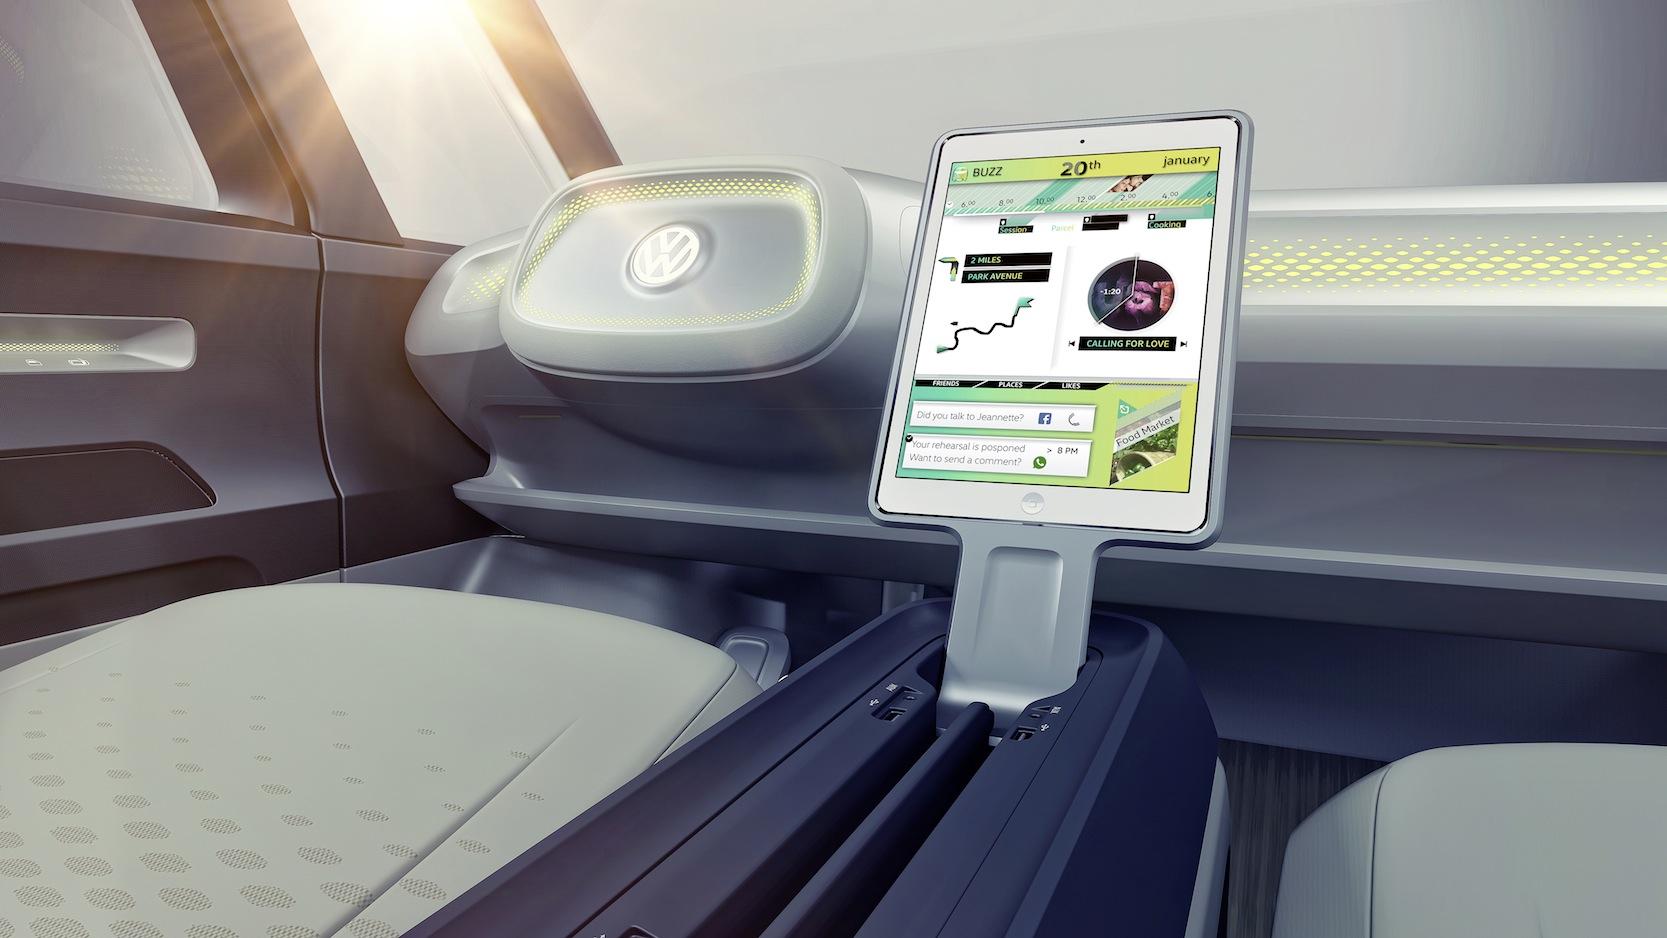 Das Cockpit des Buzz besteht aus Lenkrad, Head-up-Display, Tablet im Lenkrad und einem zweiten, mobilen Tablet in der Mitte.